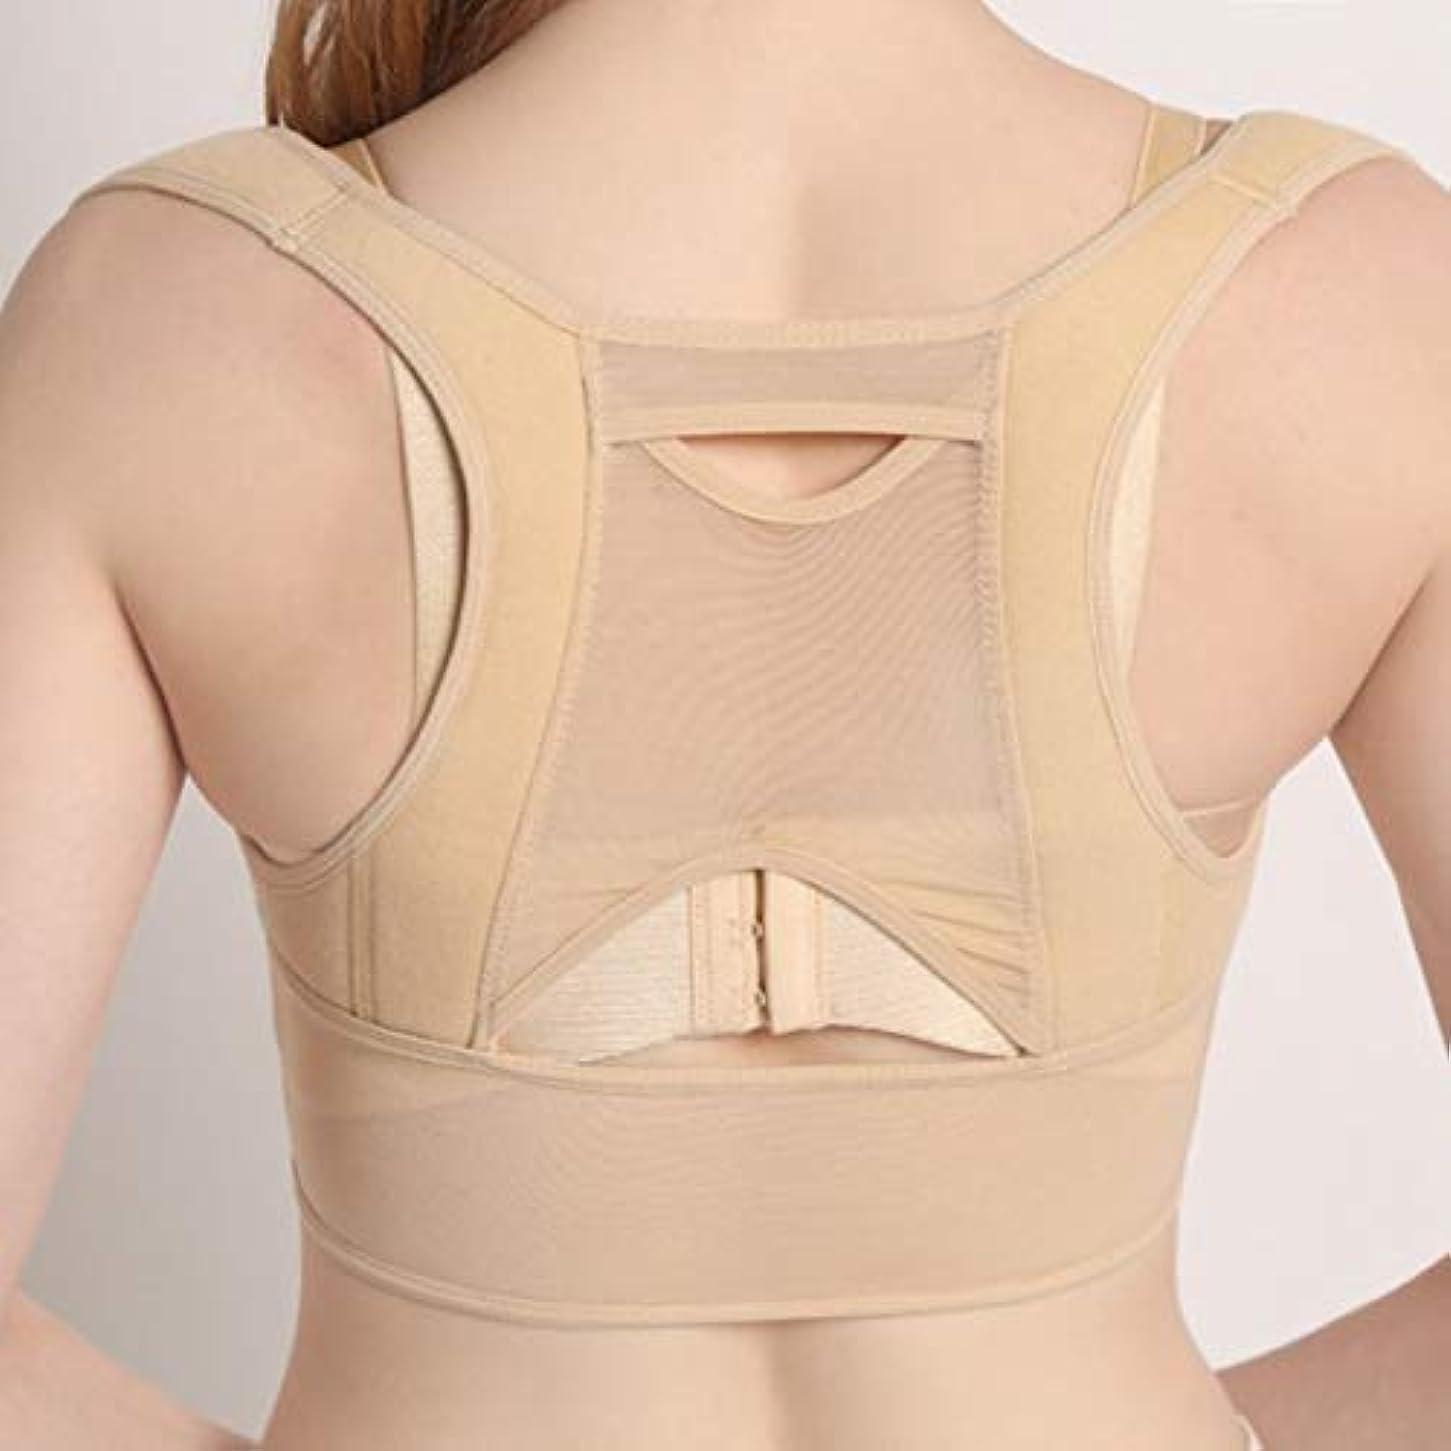 減衰麻痺暴君インターコアリーボディーコレクション 女性背部姿勢矯正コルセット整形外科肩こり脊椎姿勢矯正腰椎サポート